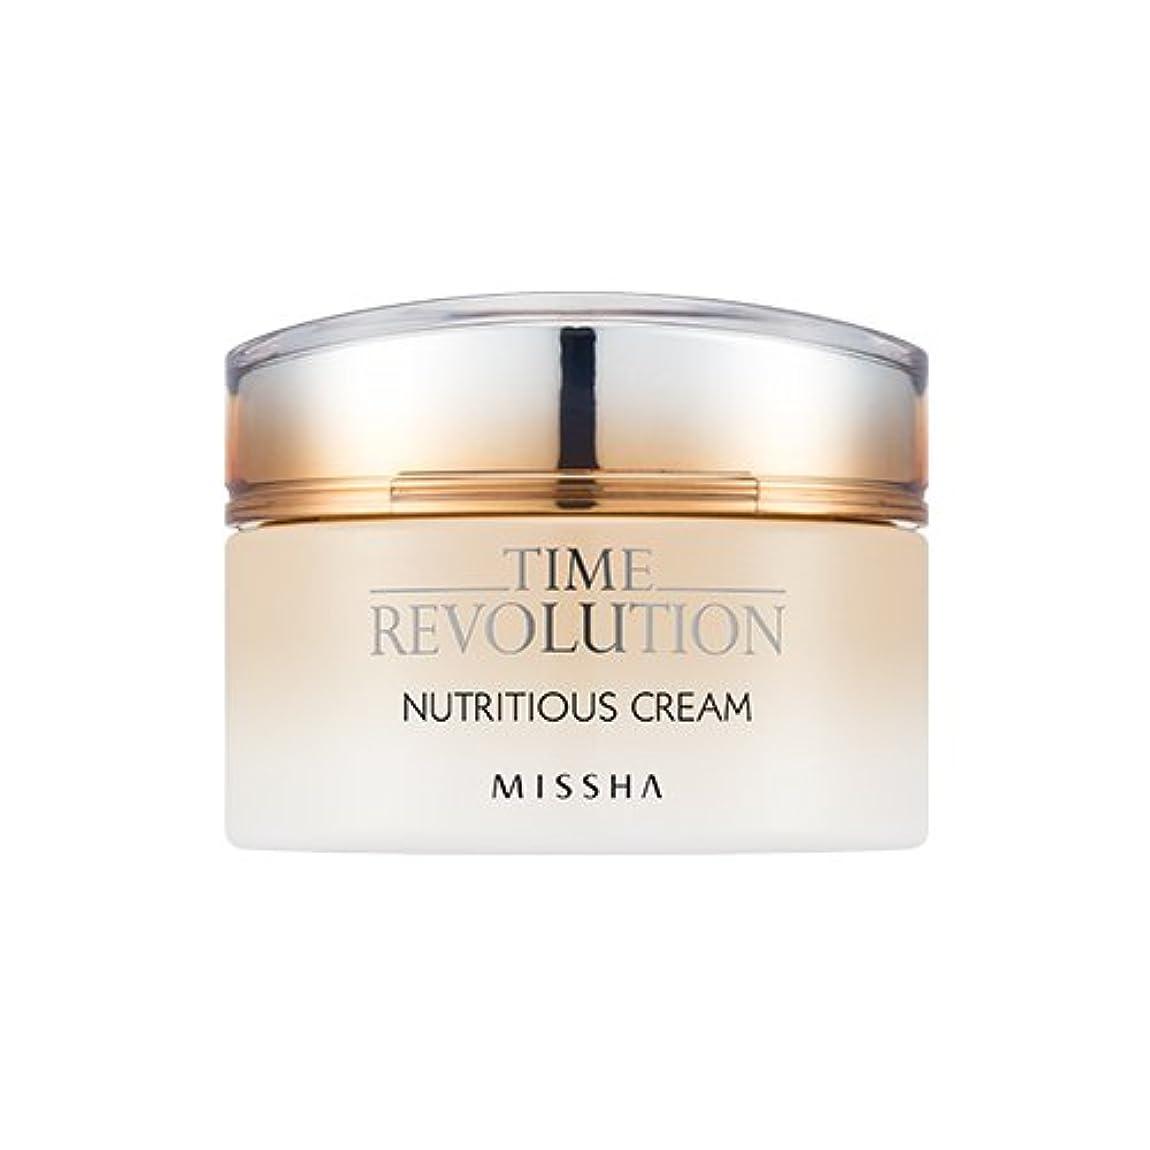 電卓方向落とし穴[New] MISSHA Time Revolution Nutritious Cream 50ml/ミシャ タイム レボリューション ニュートリシャス クリーム 50ml [並行輸入品]